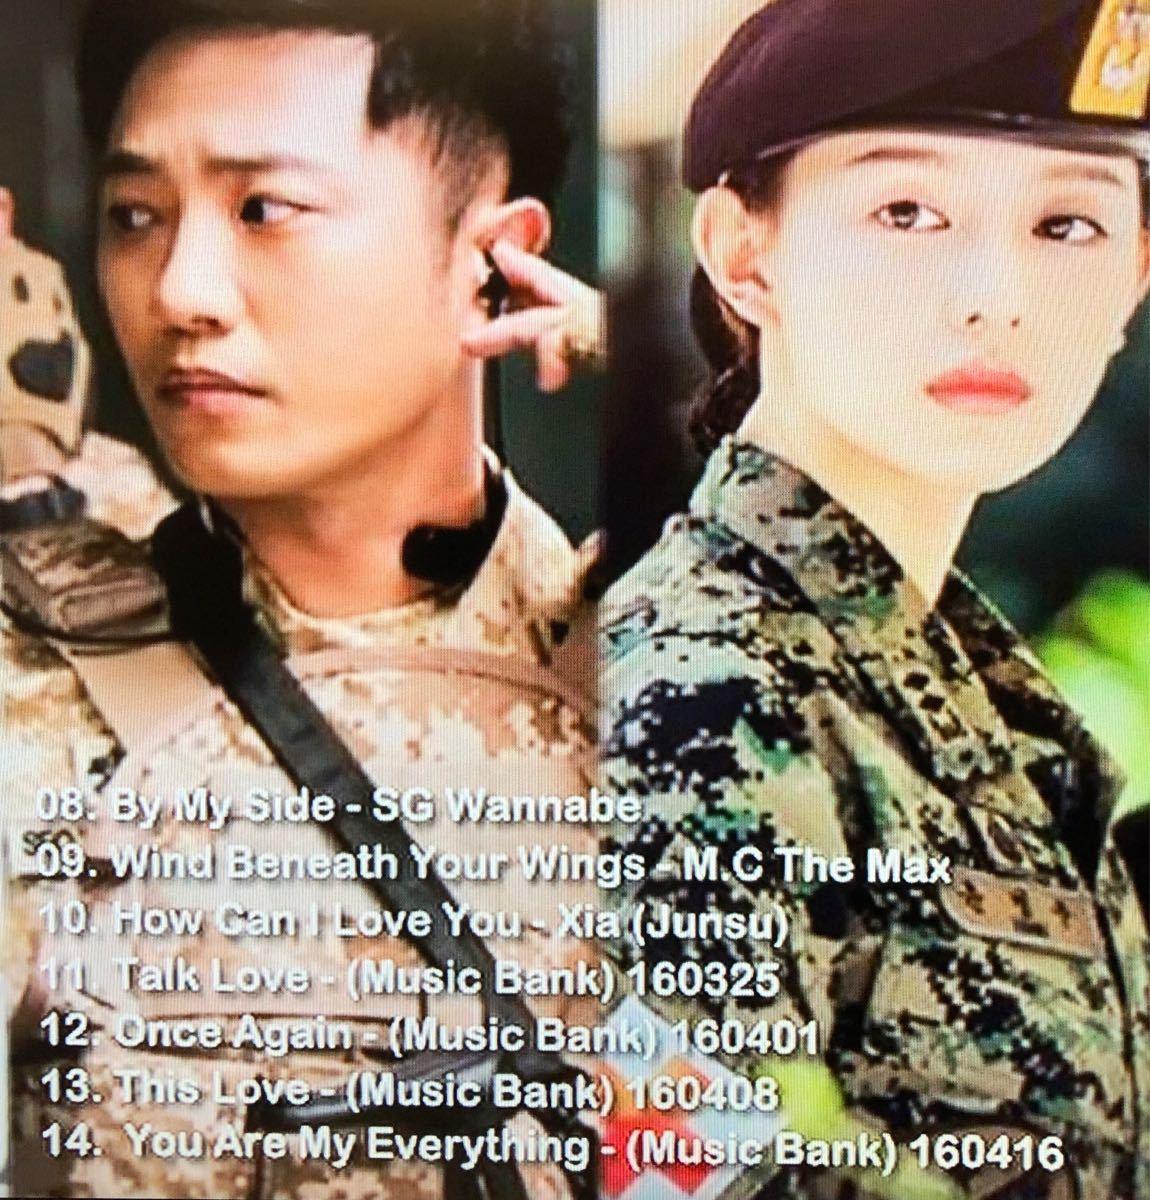 太陽の末裔  OST  DVD  レーベル有り  ソン・ヘギョ  ソン・ジュンギ